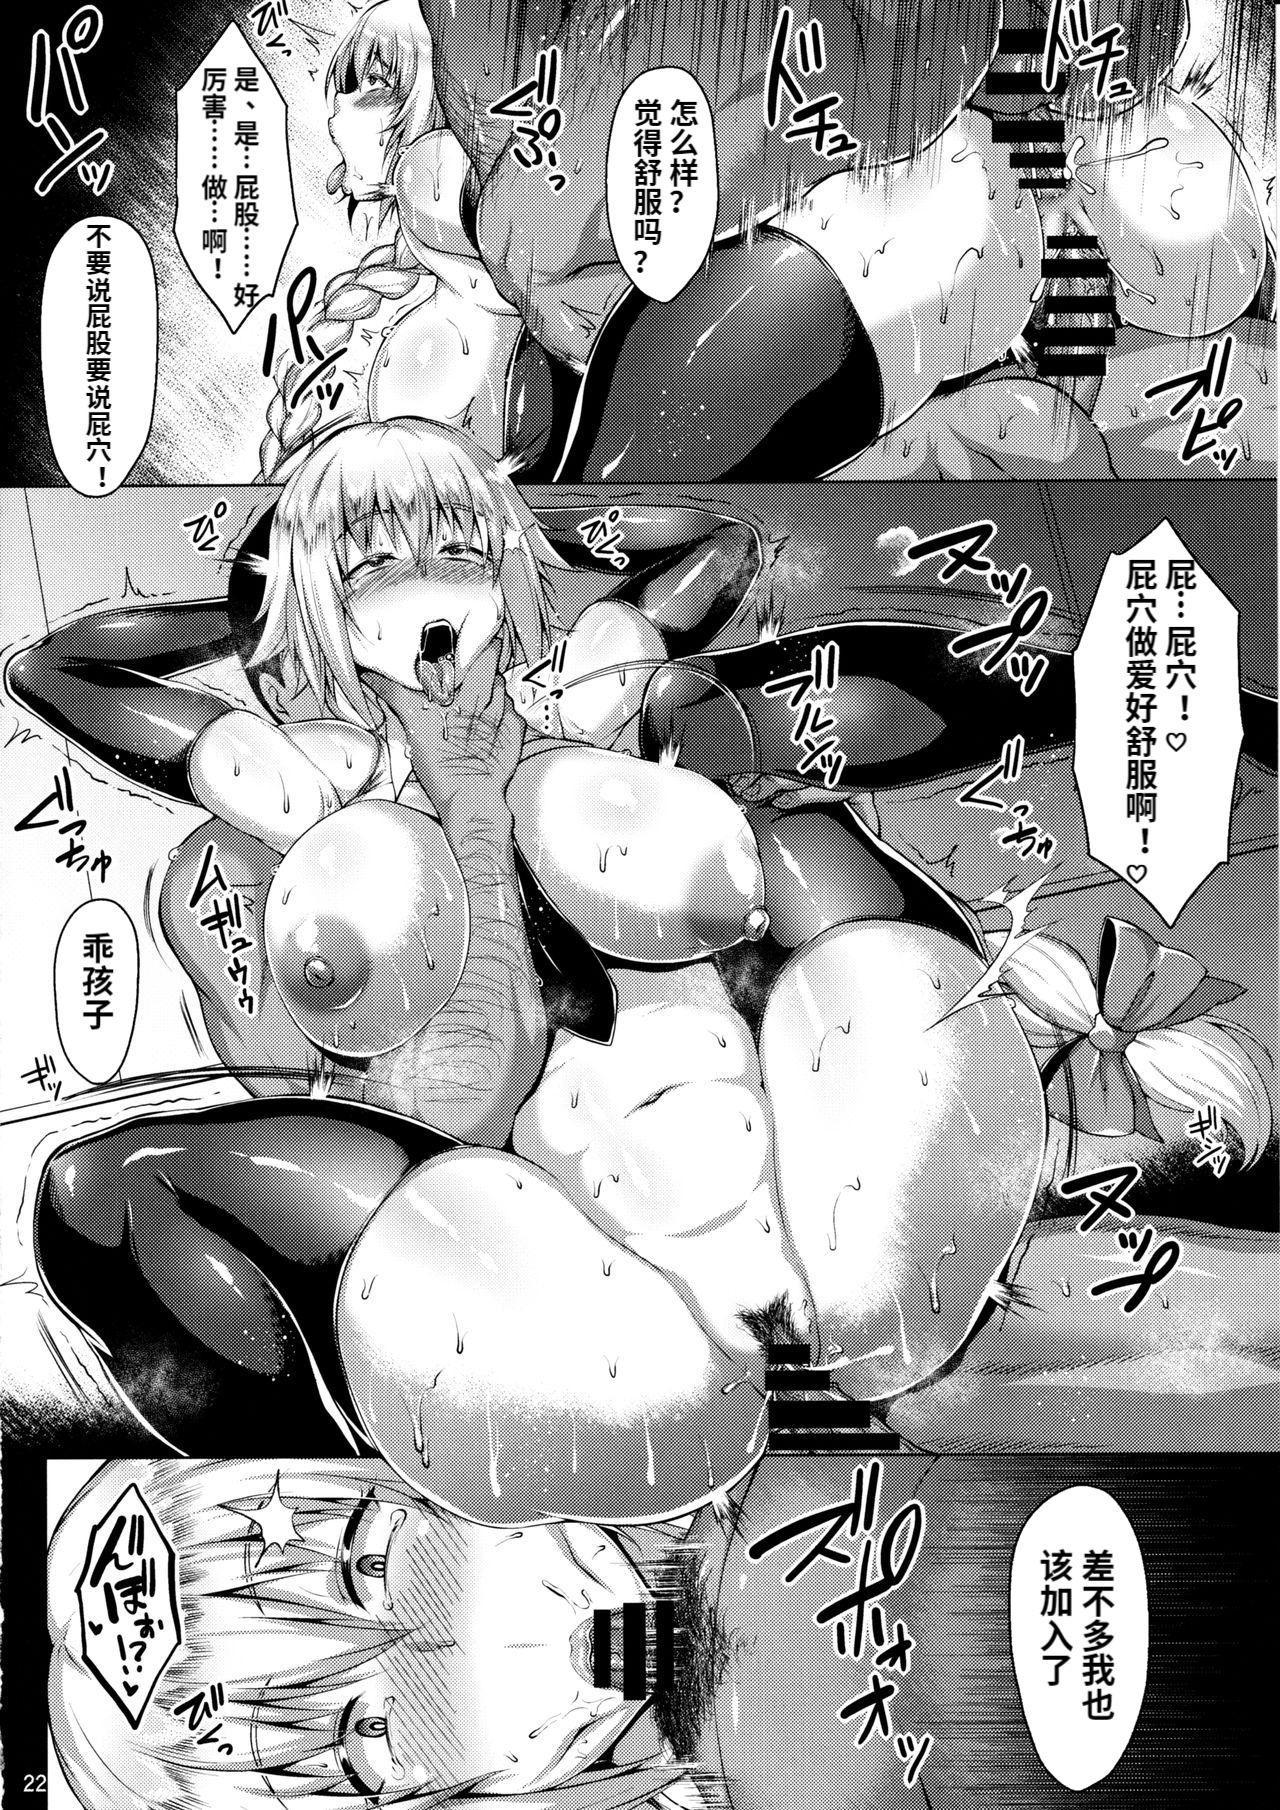 Seijo no Mita Yume 2 22